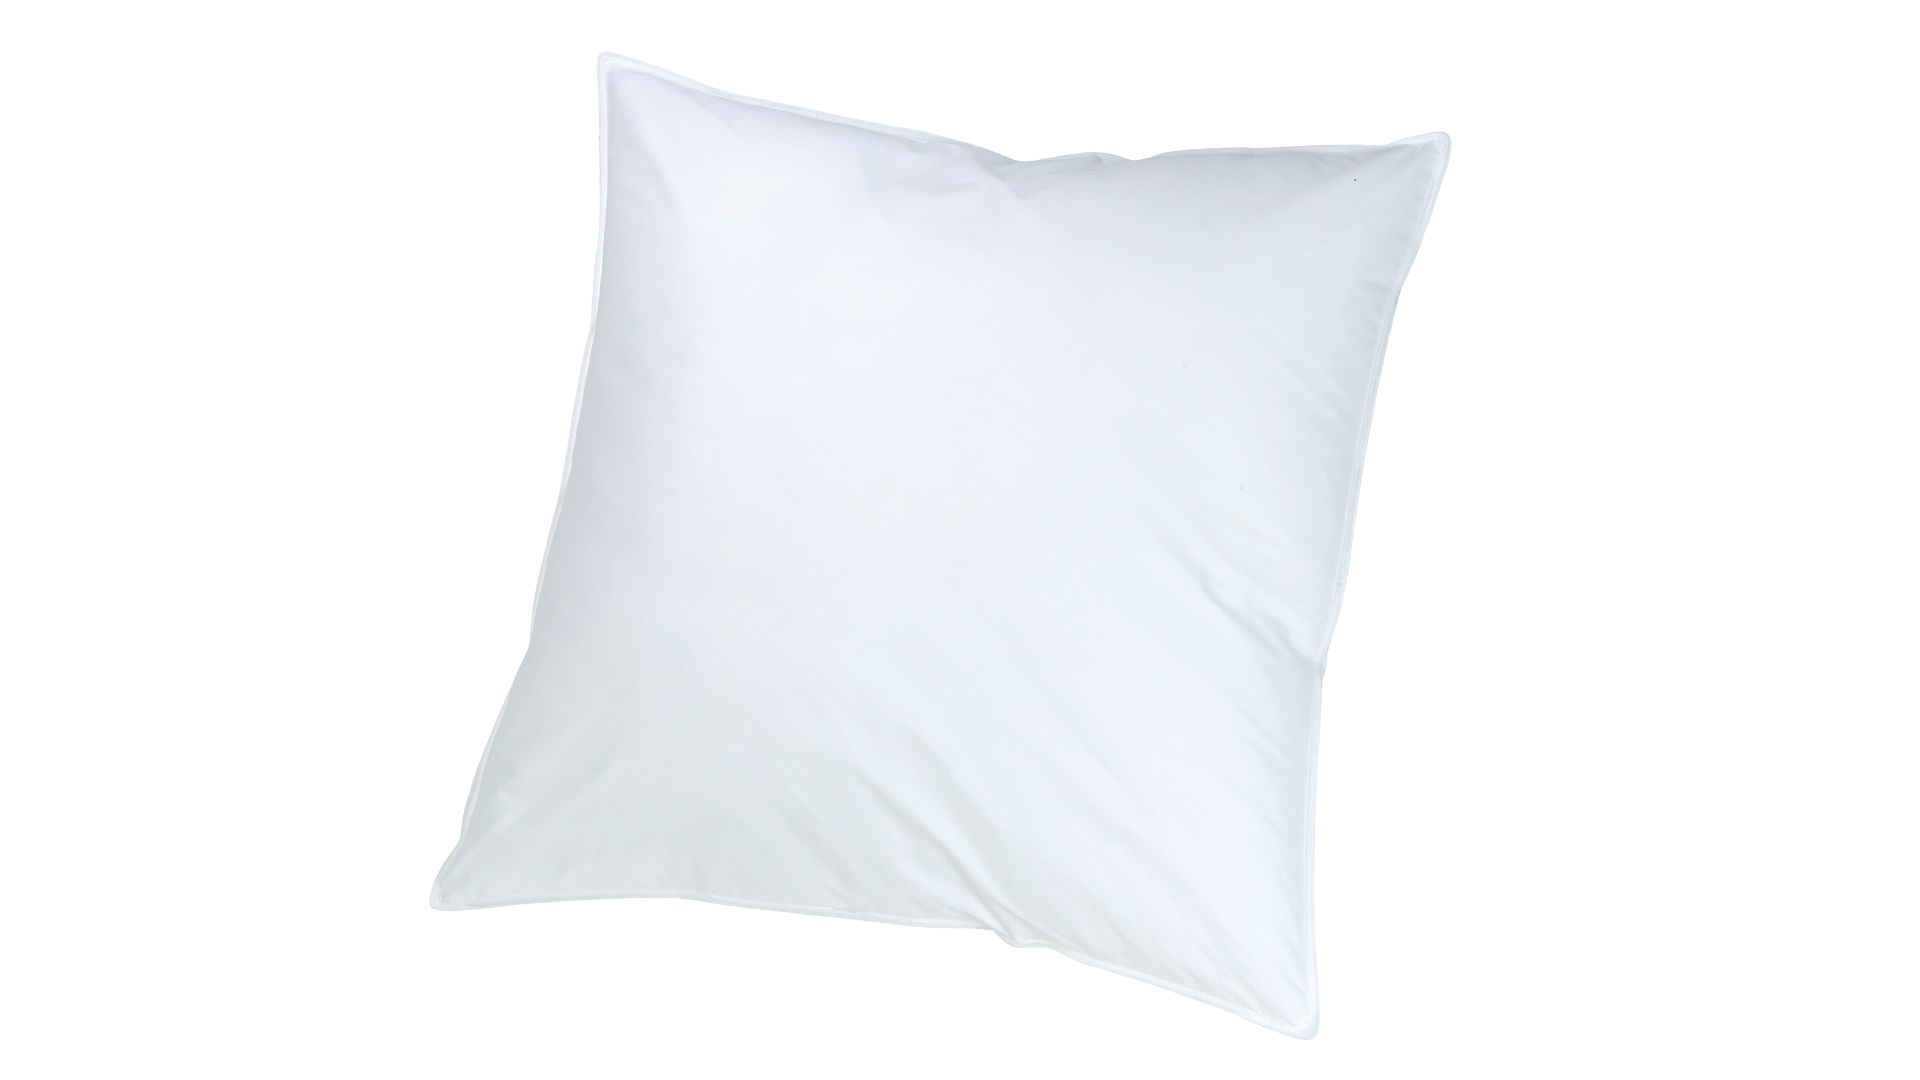 classic sofakissen kissen 40x40 cm 40x60 cm 50x30 cm 50x50 cm 50x60 cm 60x60 cm 70x70. Black Bedroom Furniture Sets. Home Design Ideas